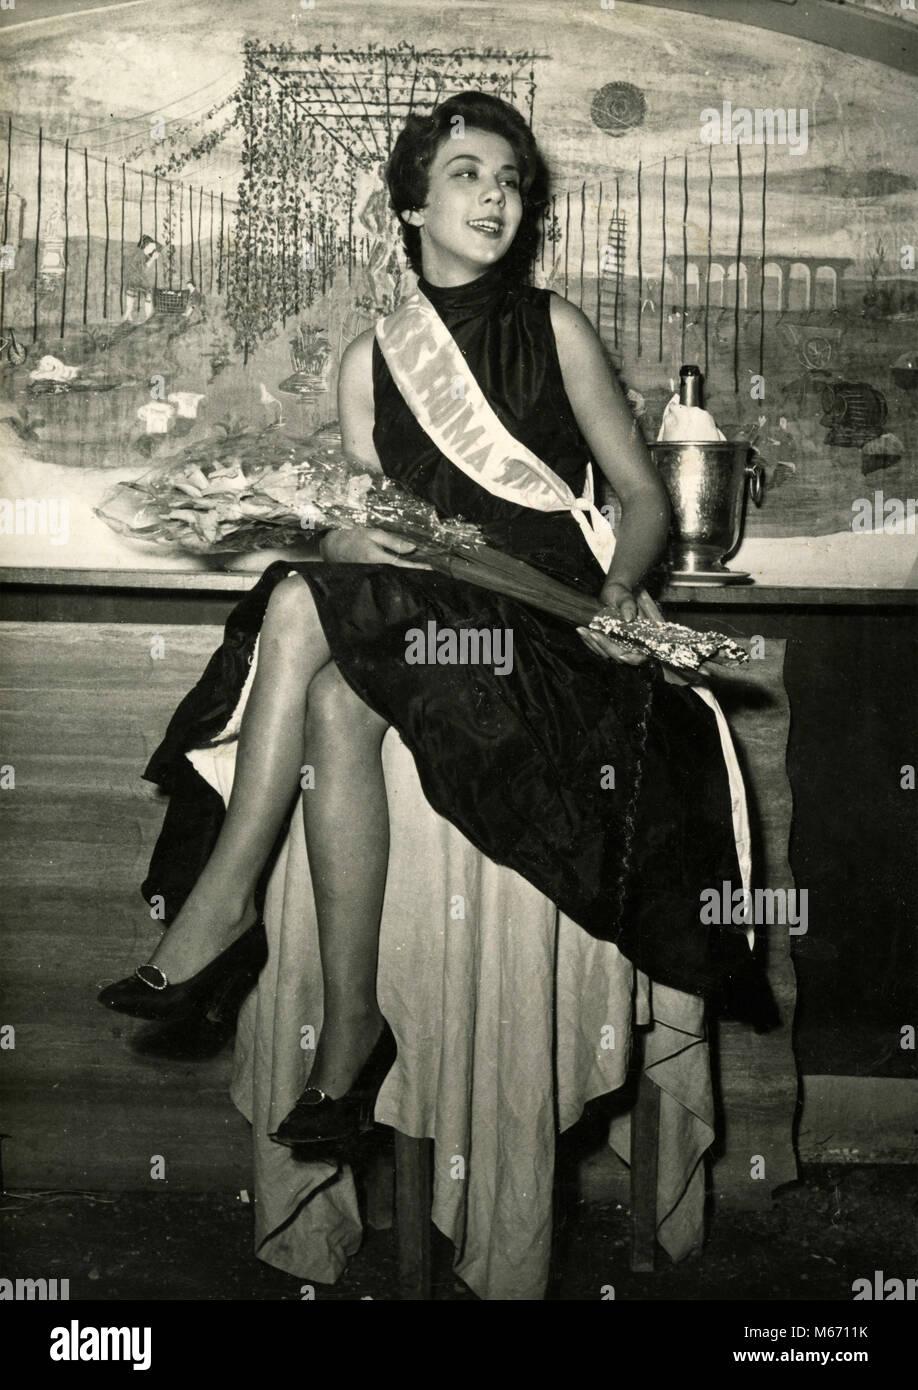 Grazia Simoni, Miss Roma 1954, Italy - Stock Image